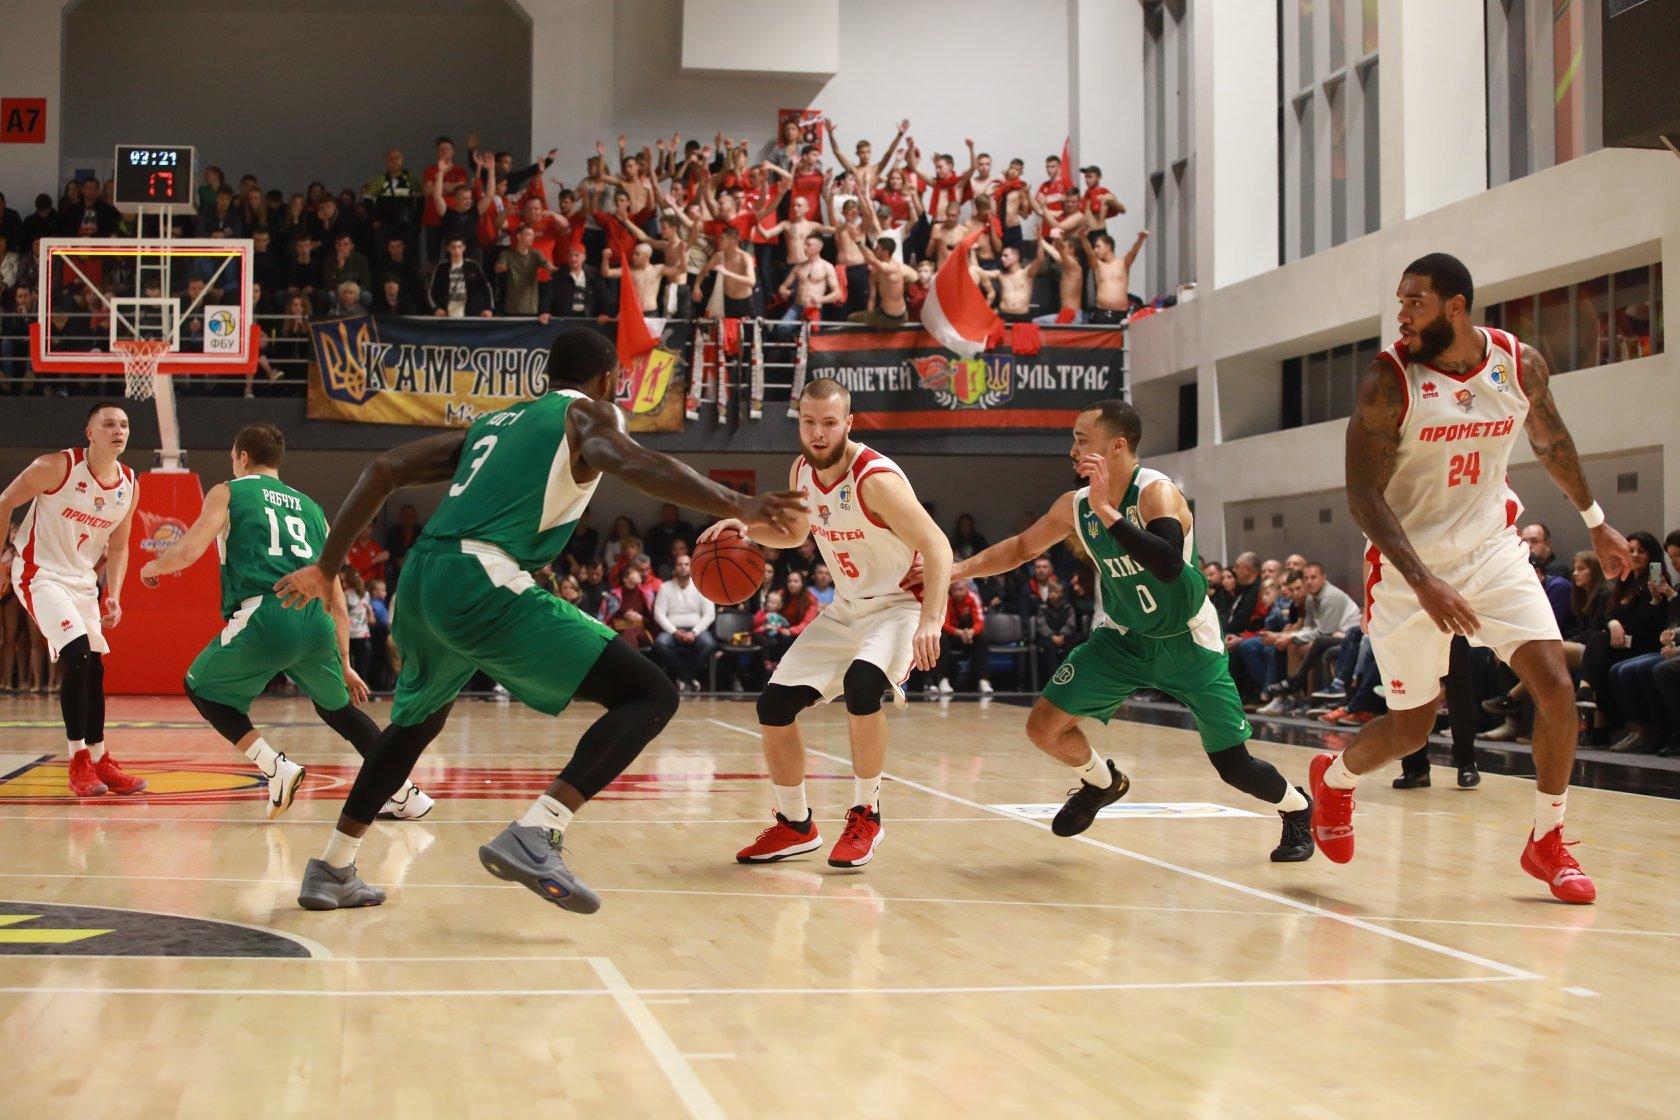 Чемпіон приймає лідера сезона, Запоріжжя гостює в Одесі: анонс матчів Суперліги Парі-Матч 12 грудня